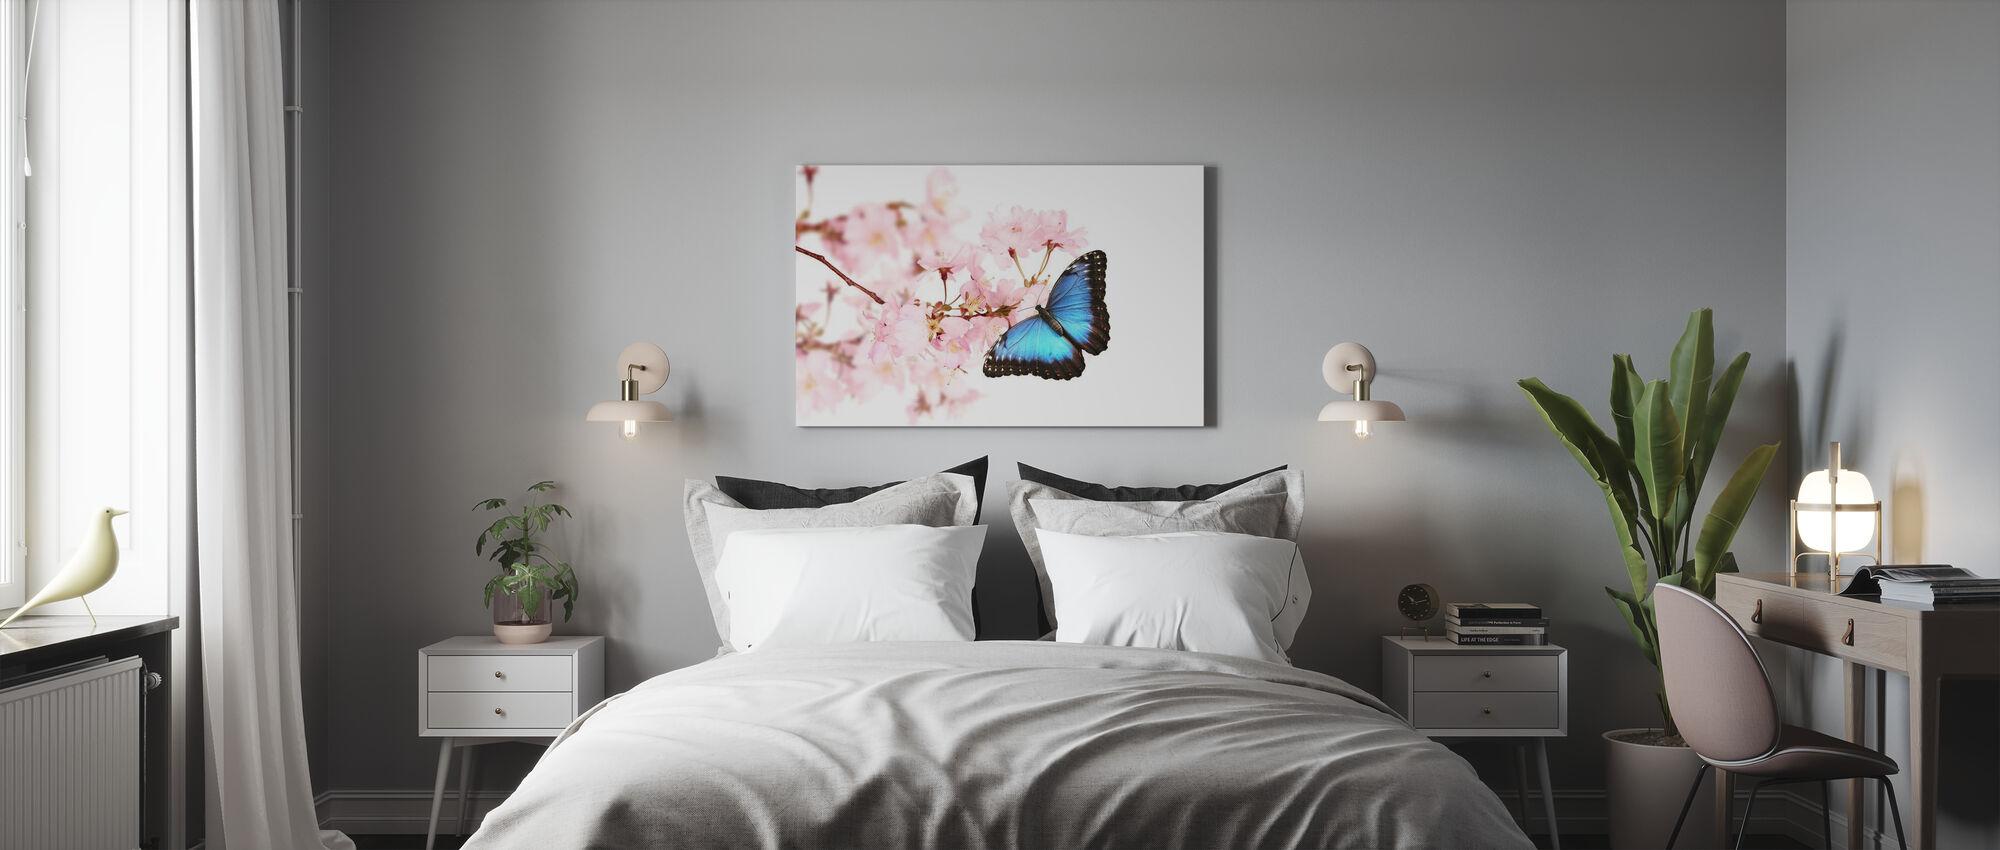 Butterfly Kirsebærblomster - Lerretsbilde - Soverom